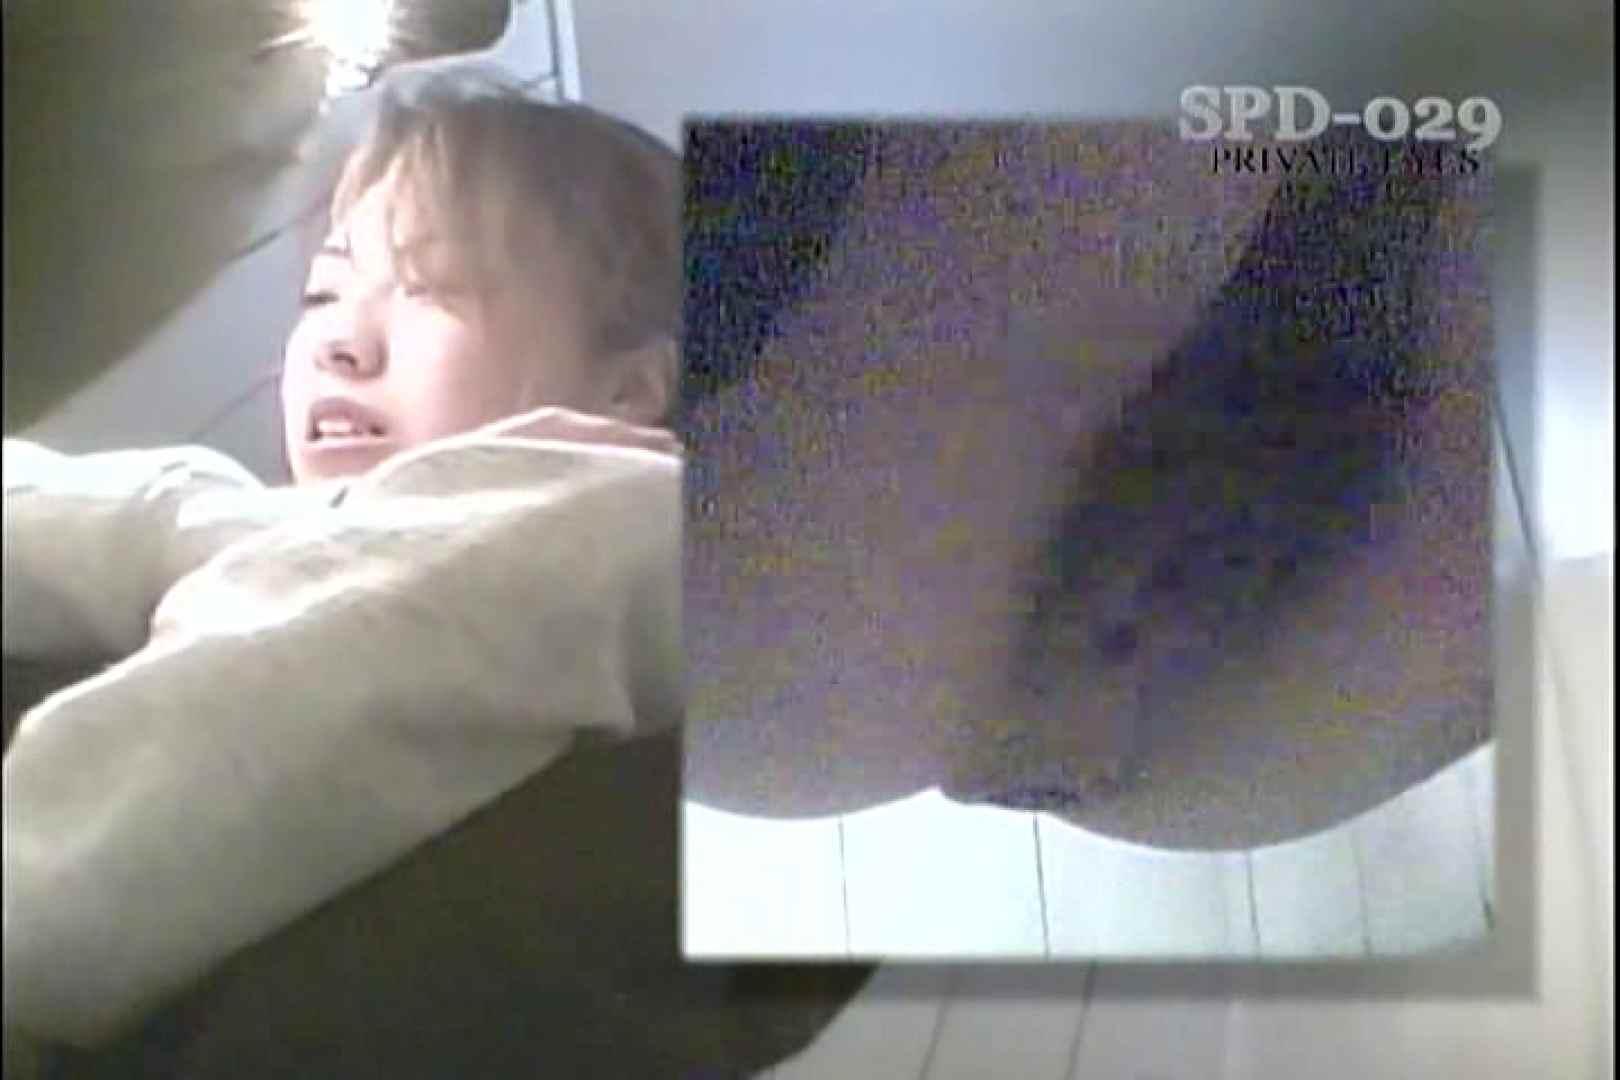 高画質版!SPD-029 和式厠 モリモリスペシャル プライベート セックス画像 60枚 23